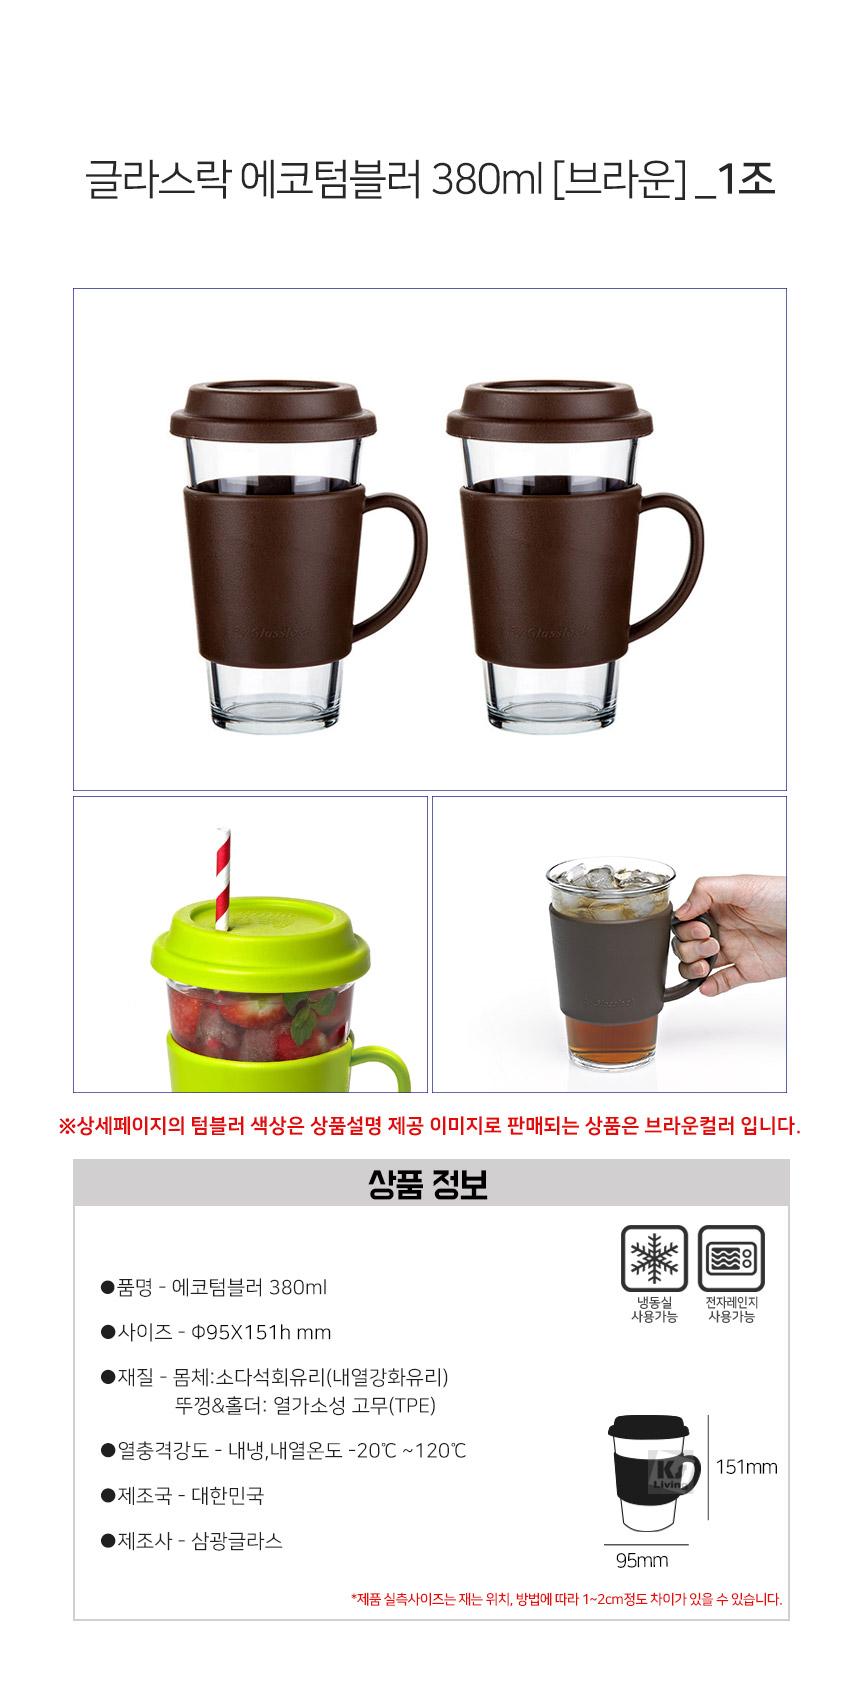 글라스락 에코텀블러 380ml 브라운_2조 - 글라스락, 9,900원, 유리컵/술잔, 유리컵